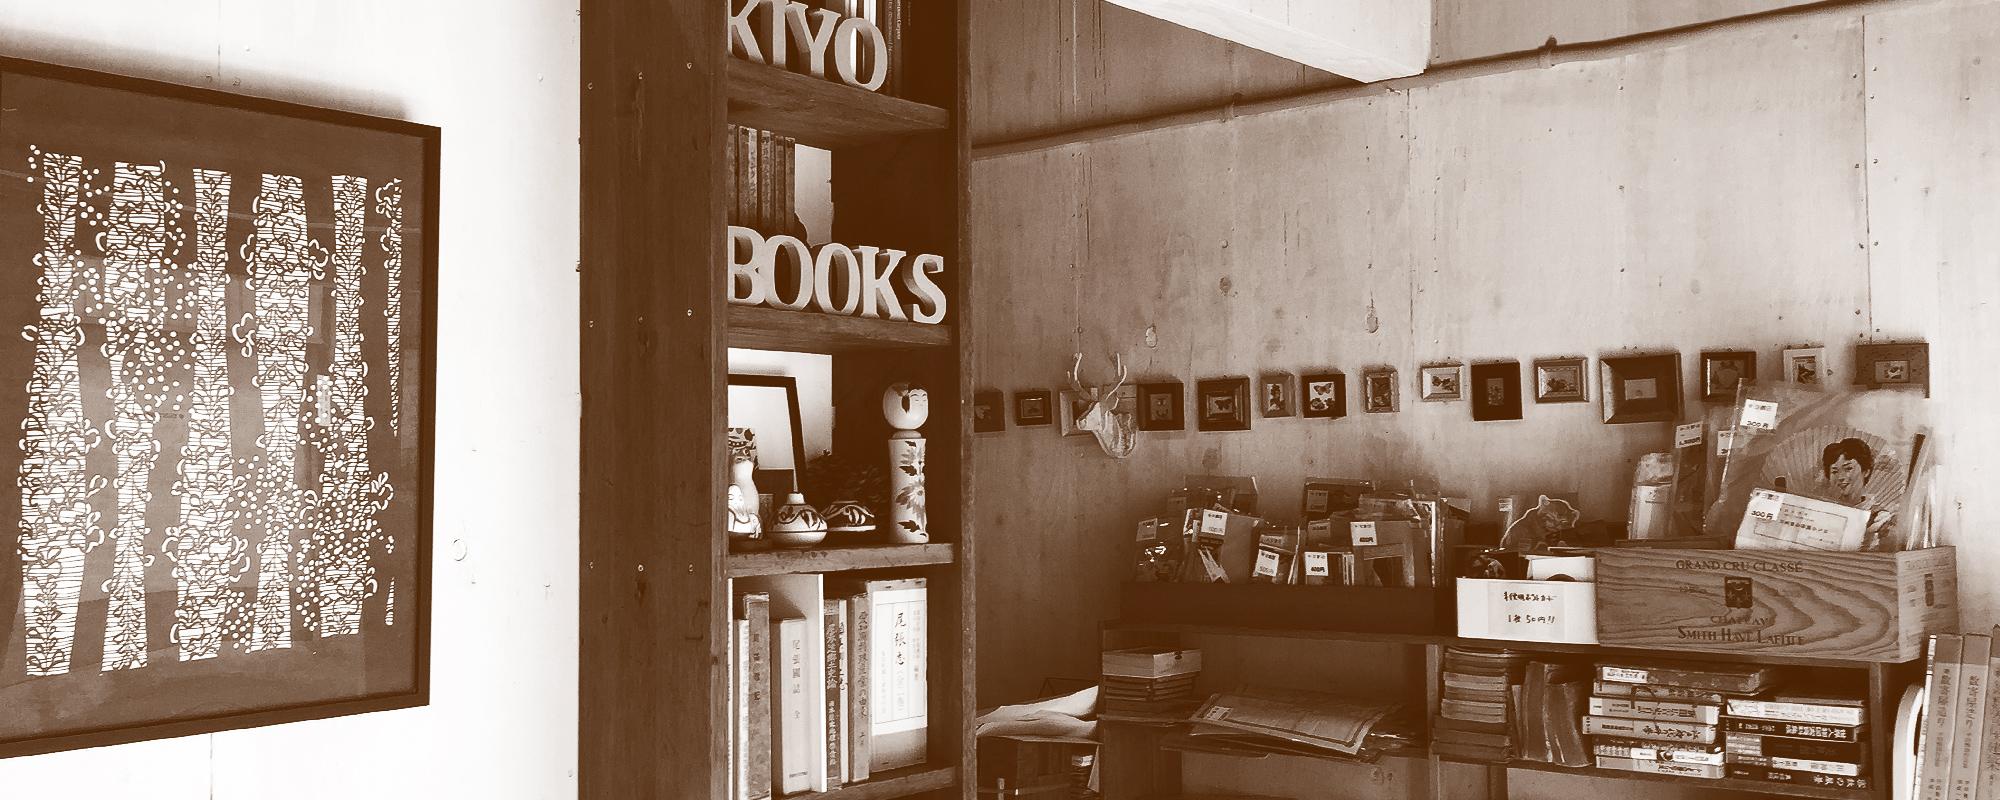 キヨ書店について